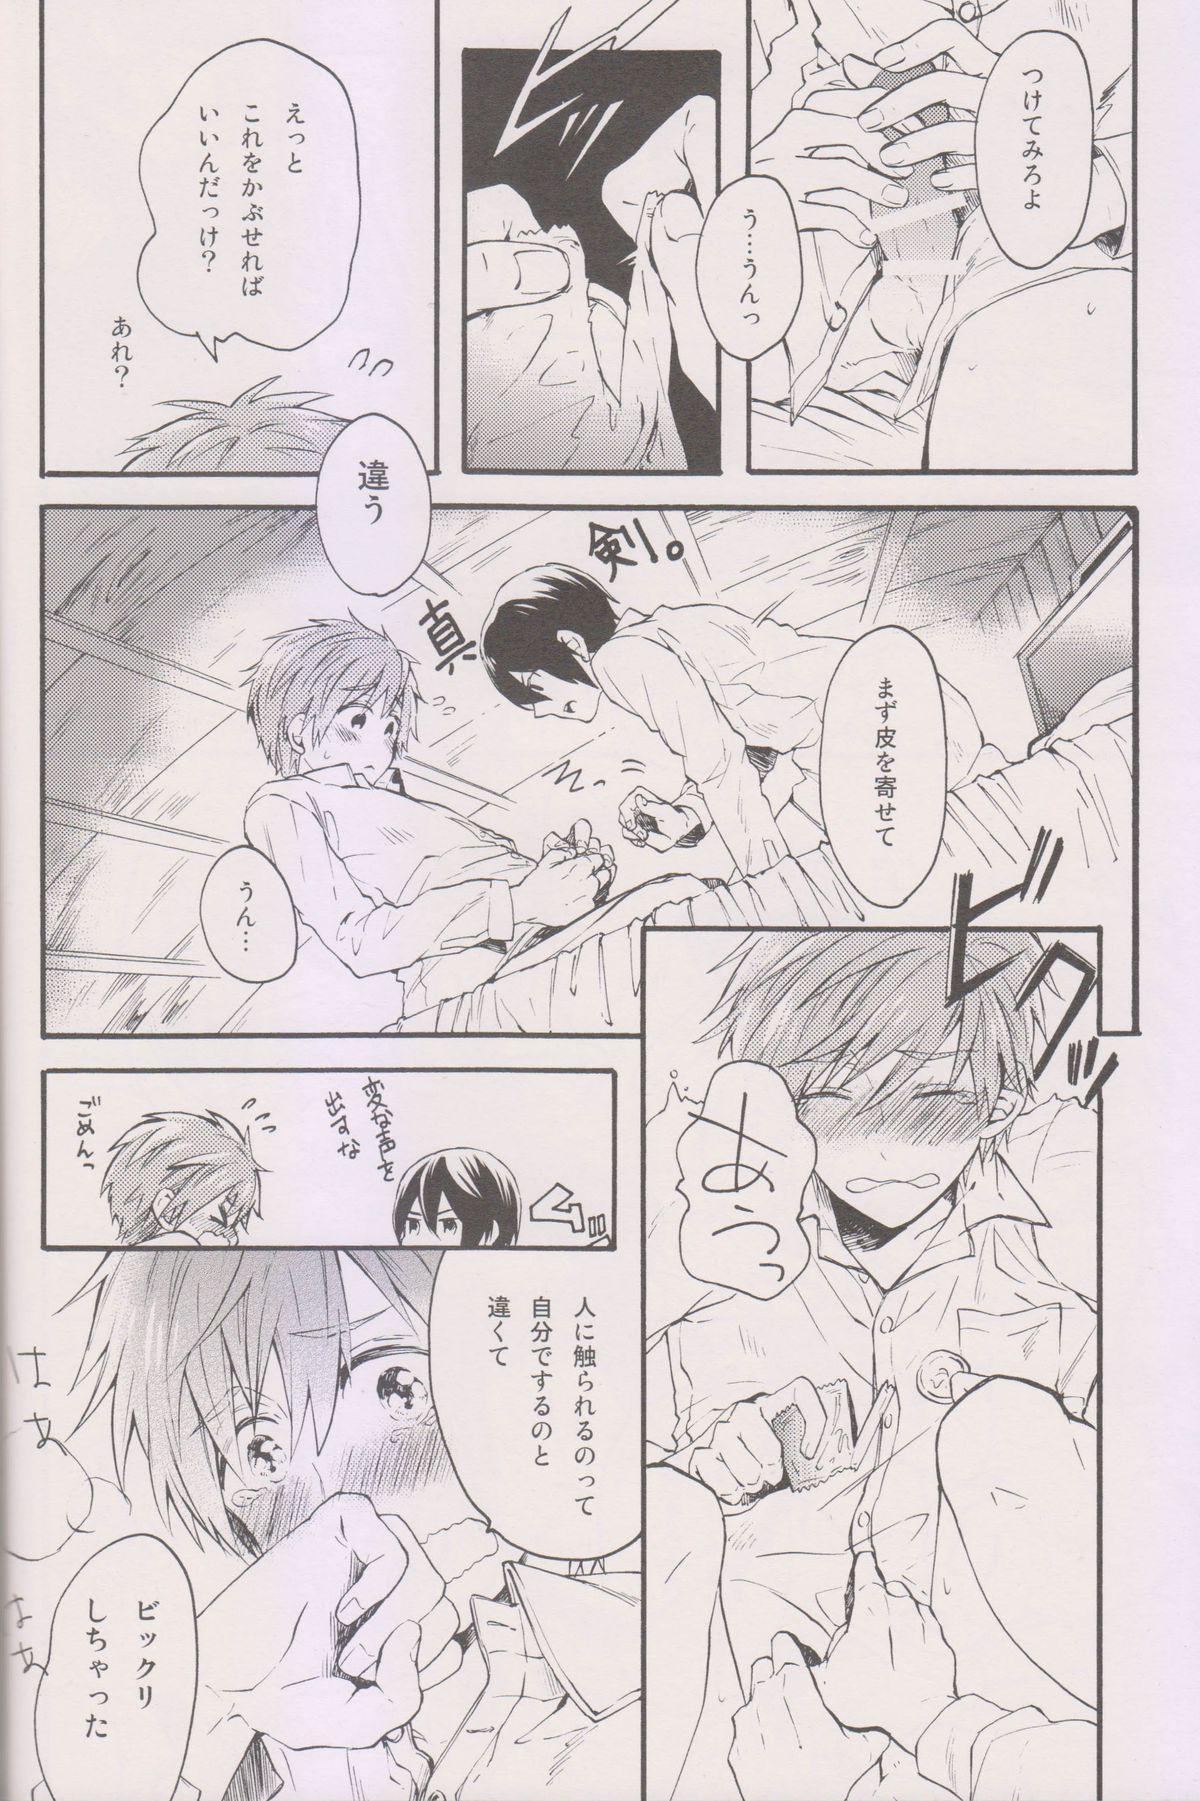 Hajimete no 14